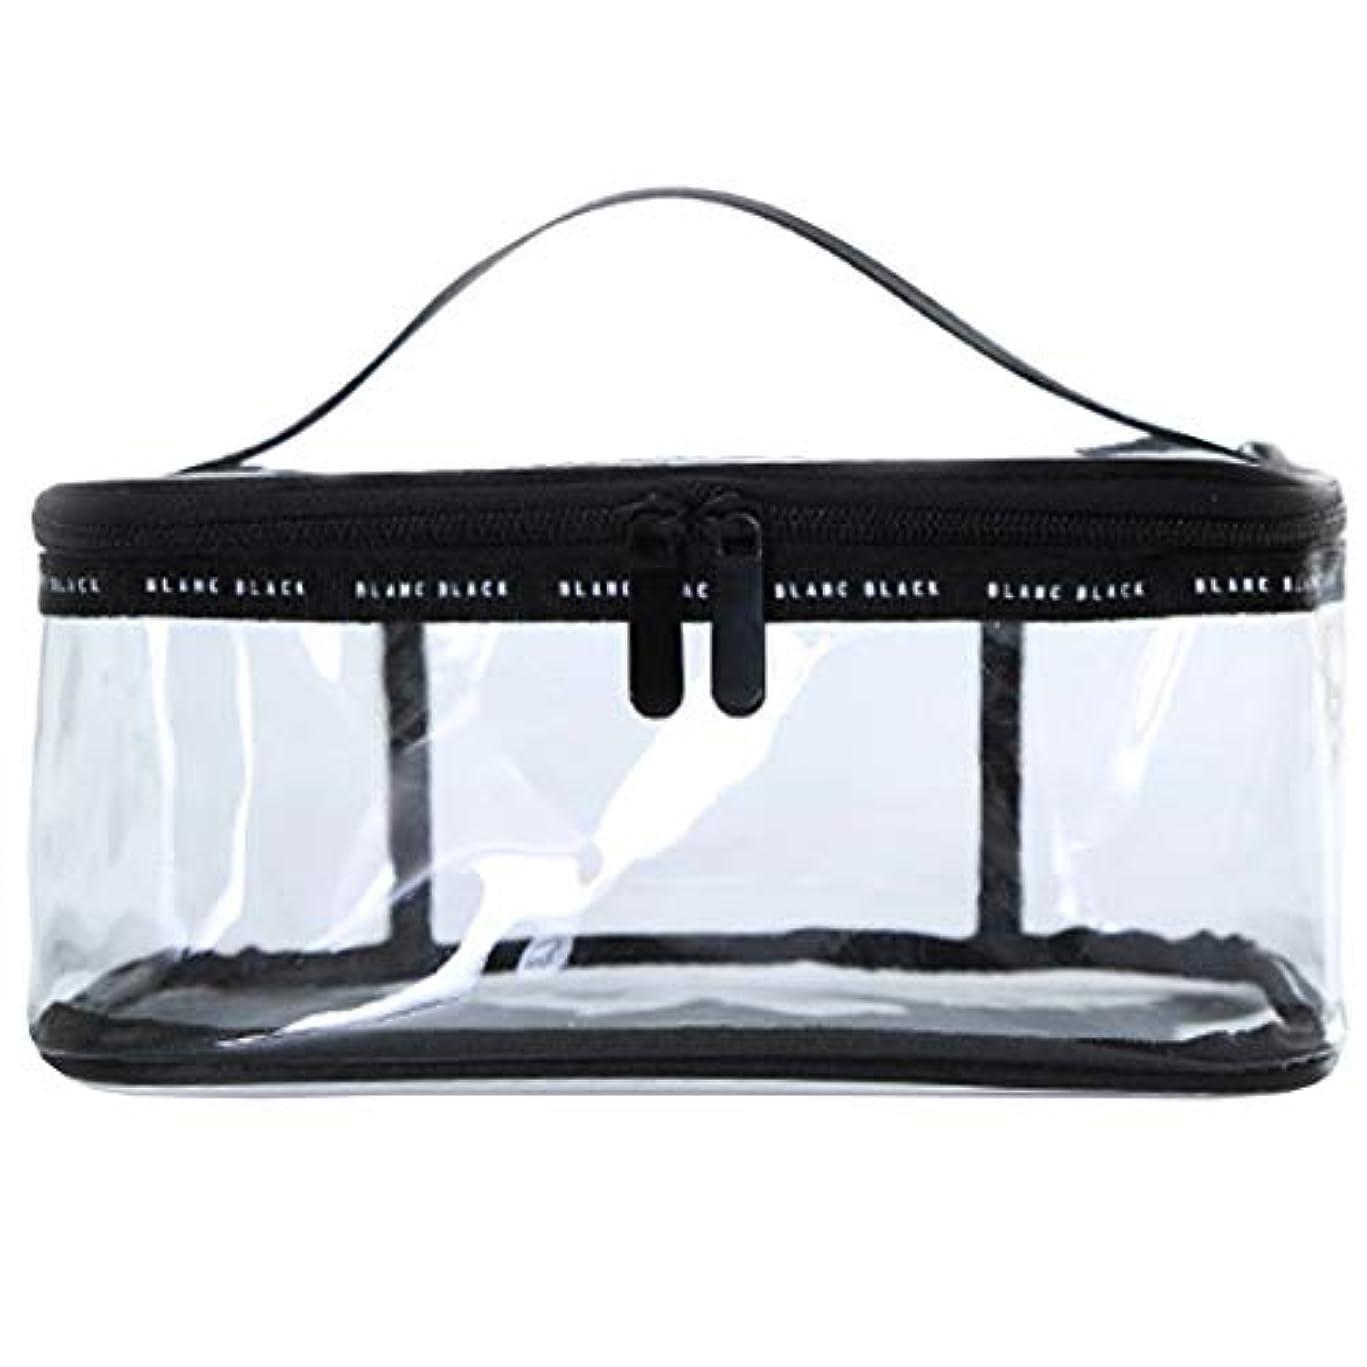 クリアボックス コスメ 収納 クリアポーチ 透明ポーチ ビニールポーチ PVC 化粧ポーチ 小物入れ 防水 (L)